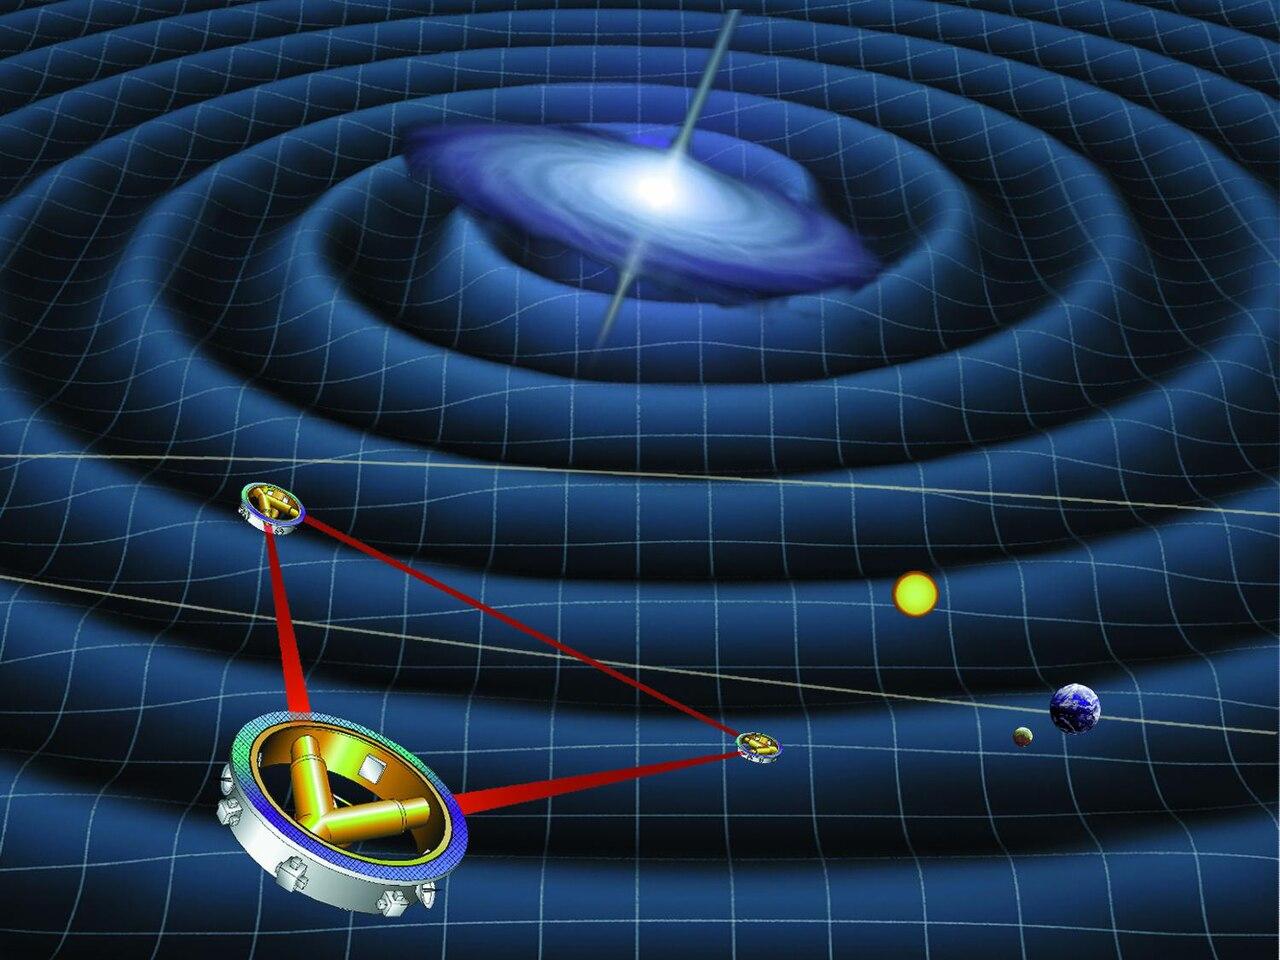 ภาพจำลองยานอวกาศ Laser Interferometer Space Antenna หรือ LISA  ทั้งสามตัวกำลังตรวจหาคลื่นความโน้มถ่วงที่แผ่ขยายออกมาจากหลุมดำมวลยวดยิ่ง โดยยาน LISA มีกำหนดส่งขึ้นสู่อวกาศในปี ค.ศ. 2034